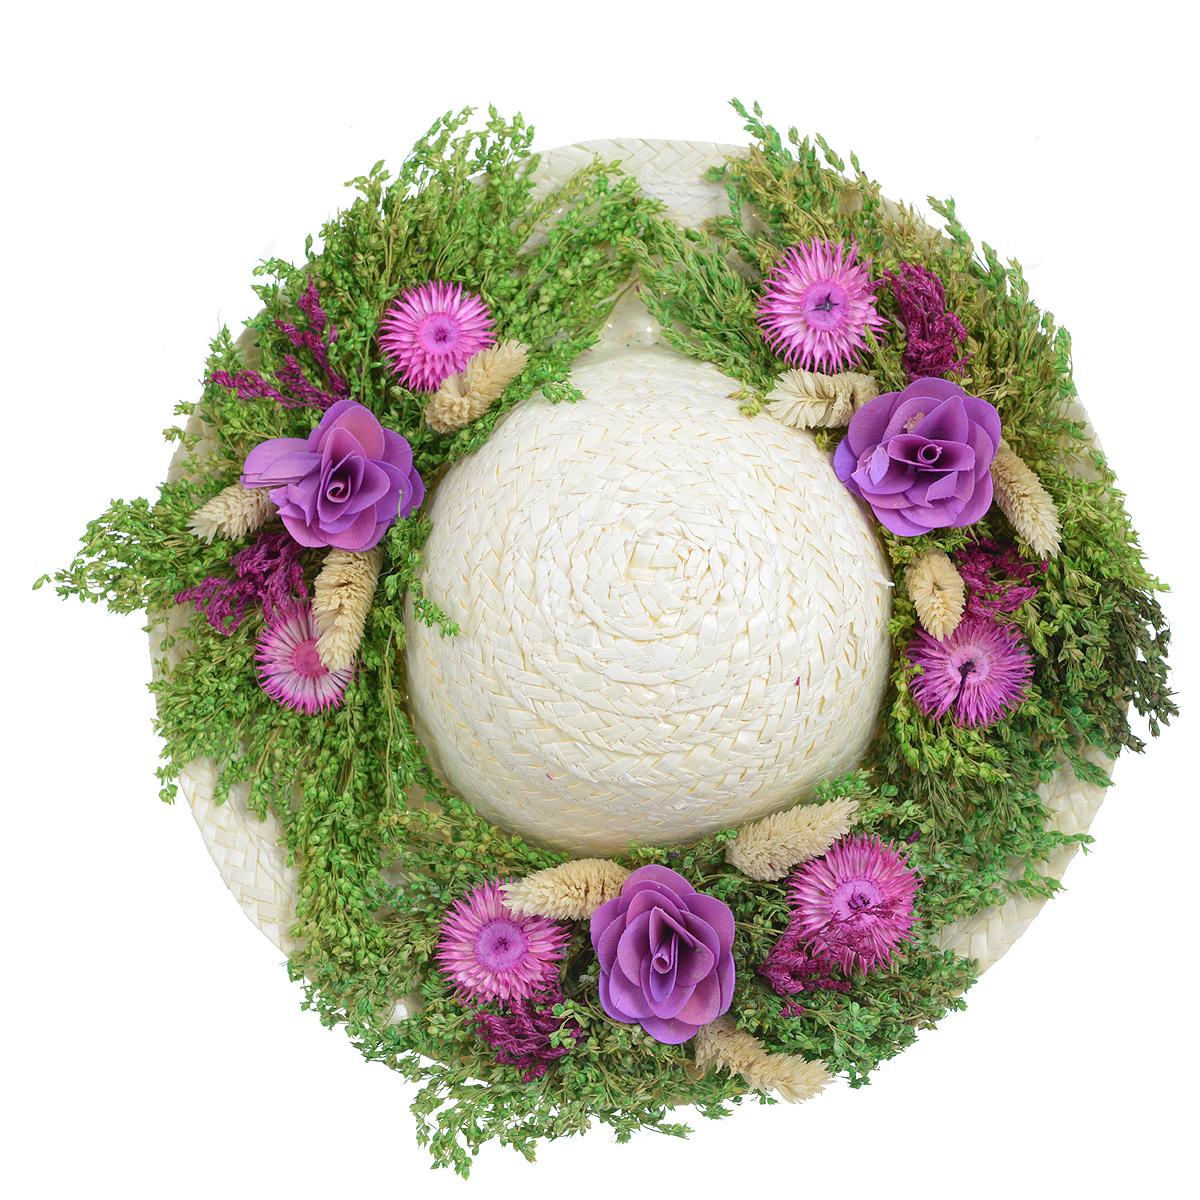 Декоративное настенное украшение Lillo Шляпа. 29 х 29 х 7,5 см300150Декоративное подвесное украшение Lillo Шляпа выполнено из натуральной соломы и украшено сухоцветами. Такая шляпа станет изящным элементом декора в вашем доме. С задней стороны расположена петелька для подвешивания. Такое украшение не только подчеркнет ваш изысканный вкус, но и прекрасным подарком, который обязательно порадует получателя.Диаметр шляпы: 29 см.